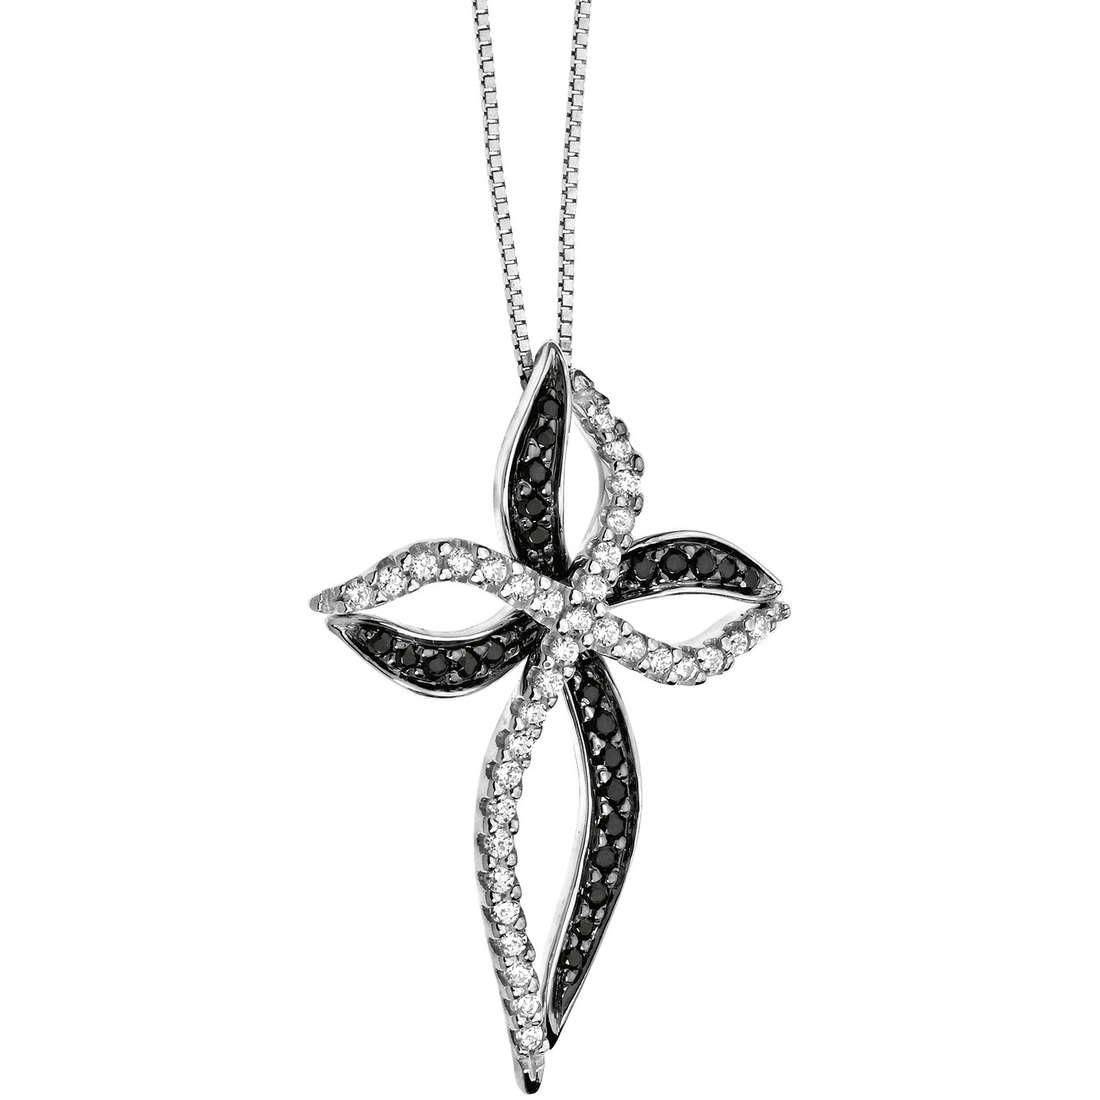 collana donna gioielli Comete Pietre preziose colorate GLB 833